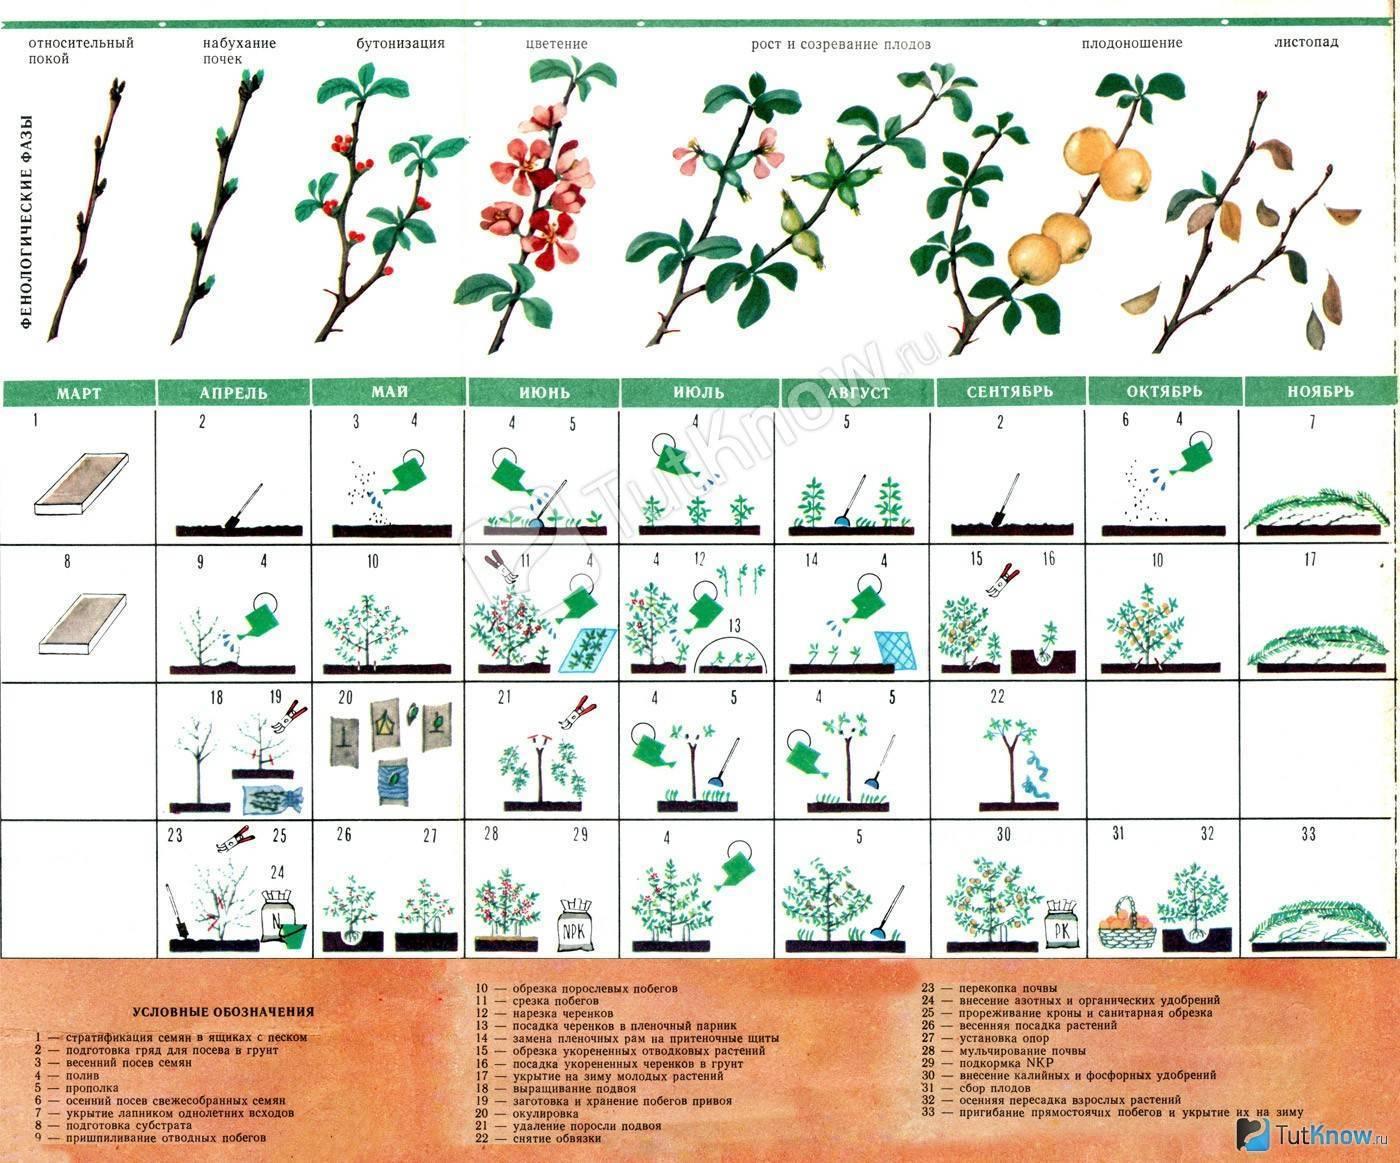 Айва японская: как правильно посадить и ухаживать за растением